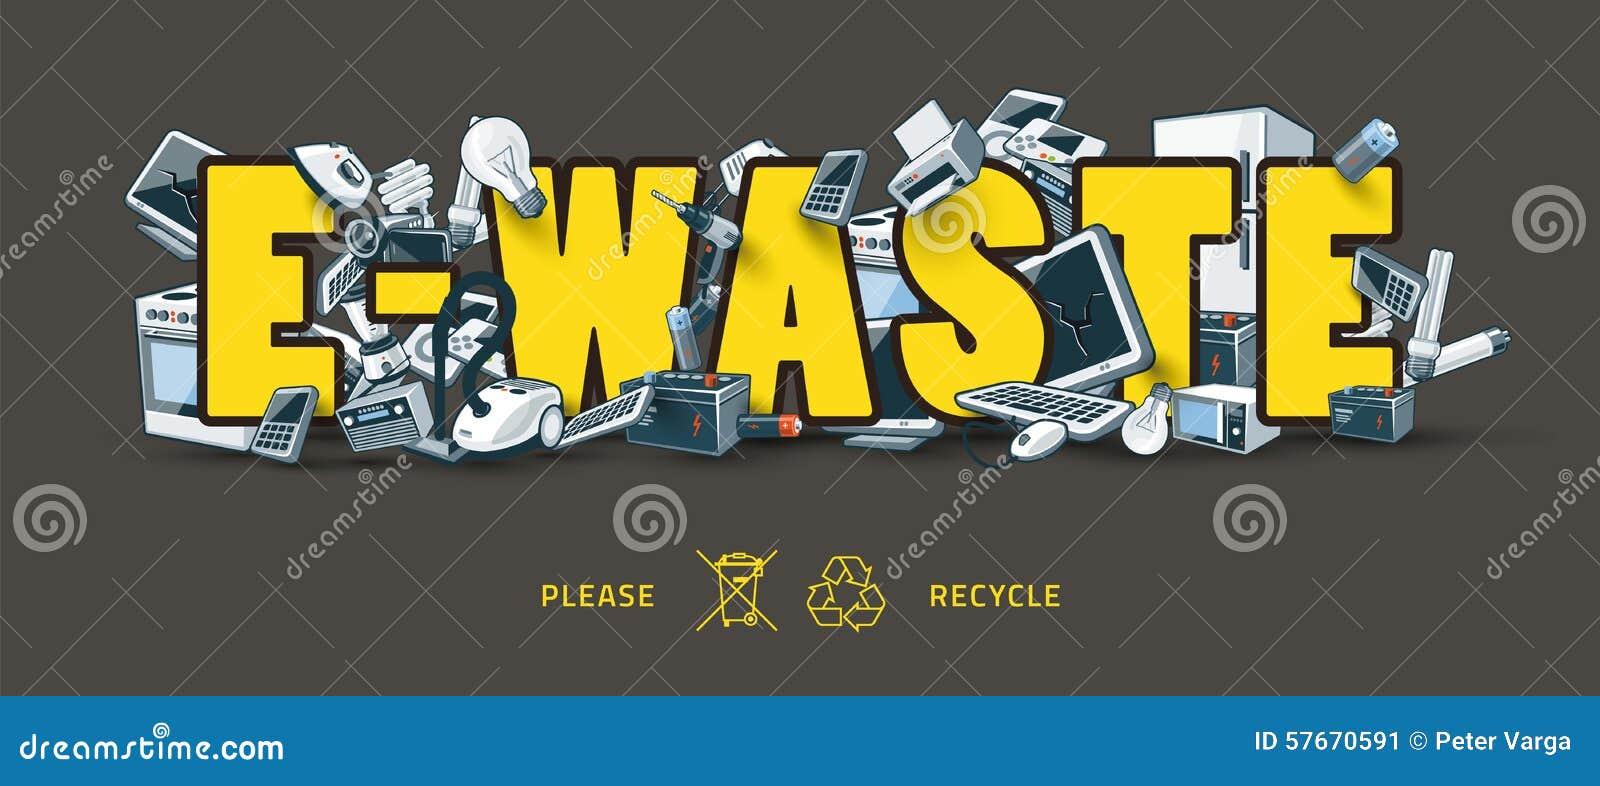 Odpady znak z urządzeniami elektronicznymi